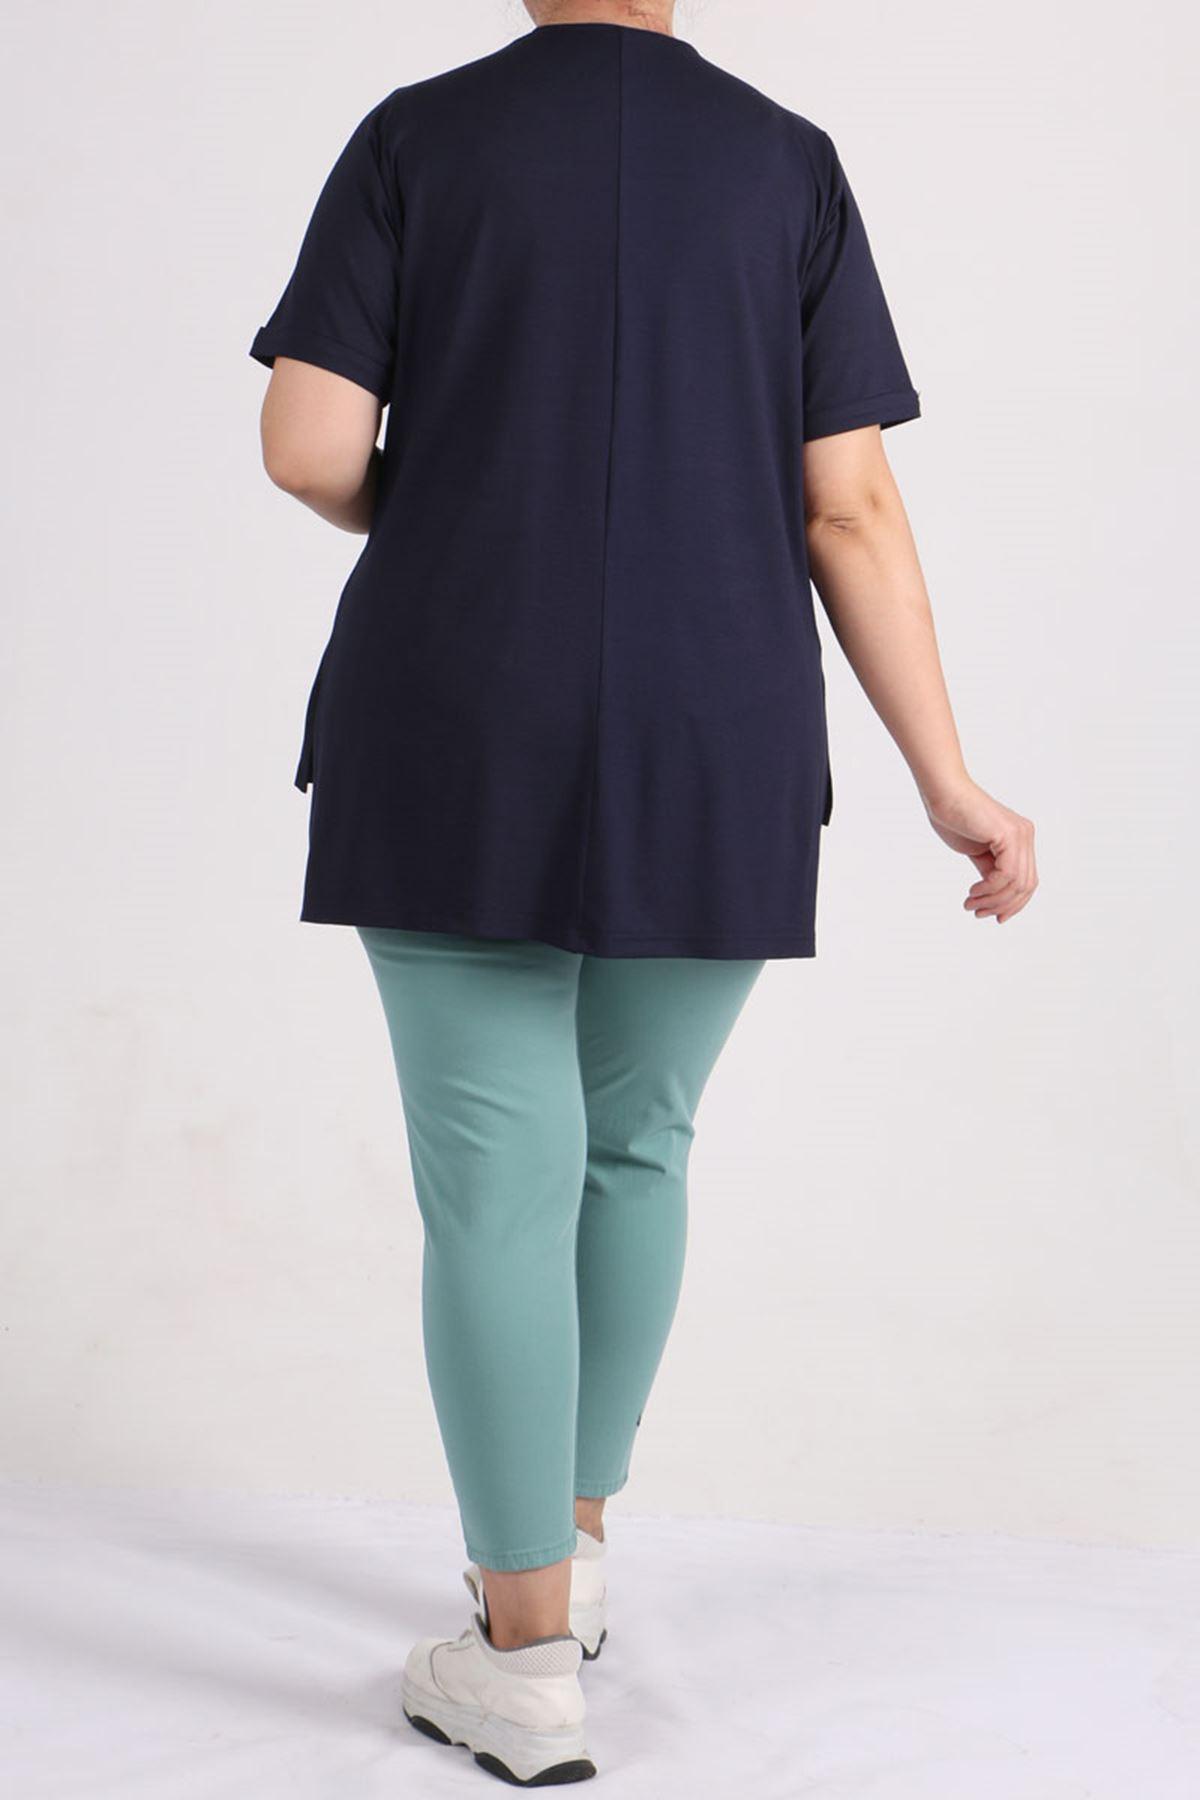 8529 Plus Size Basic T-shirt - Navy Blue